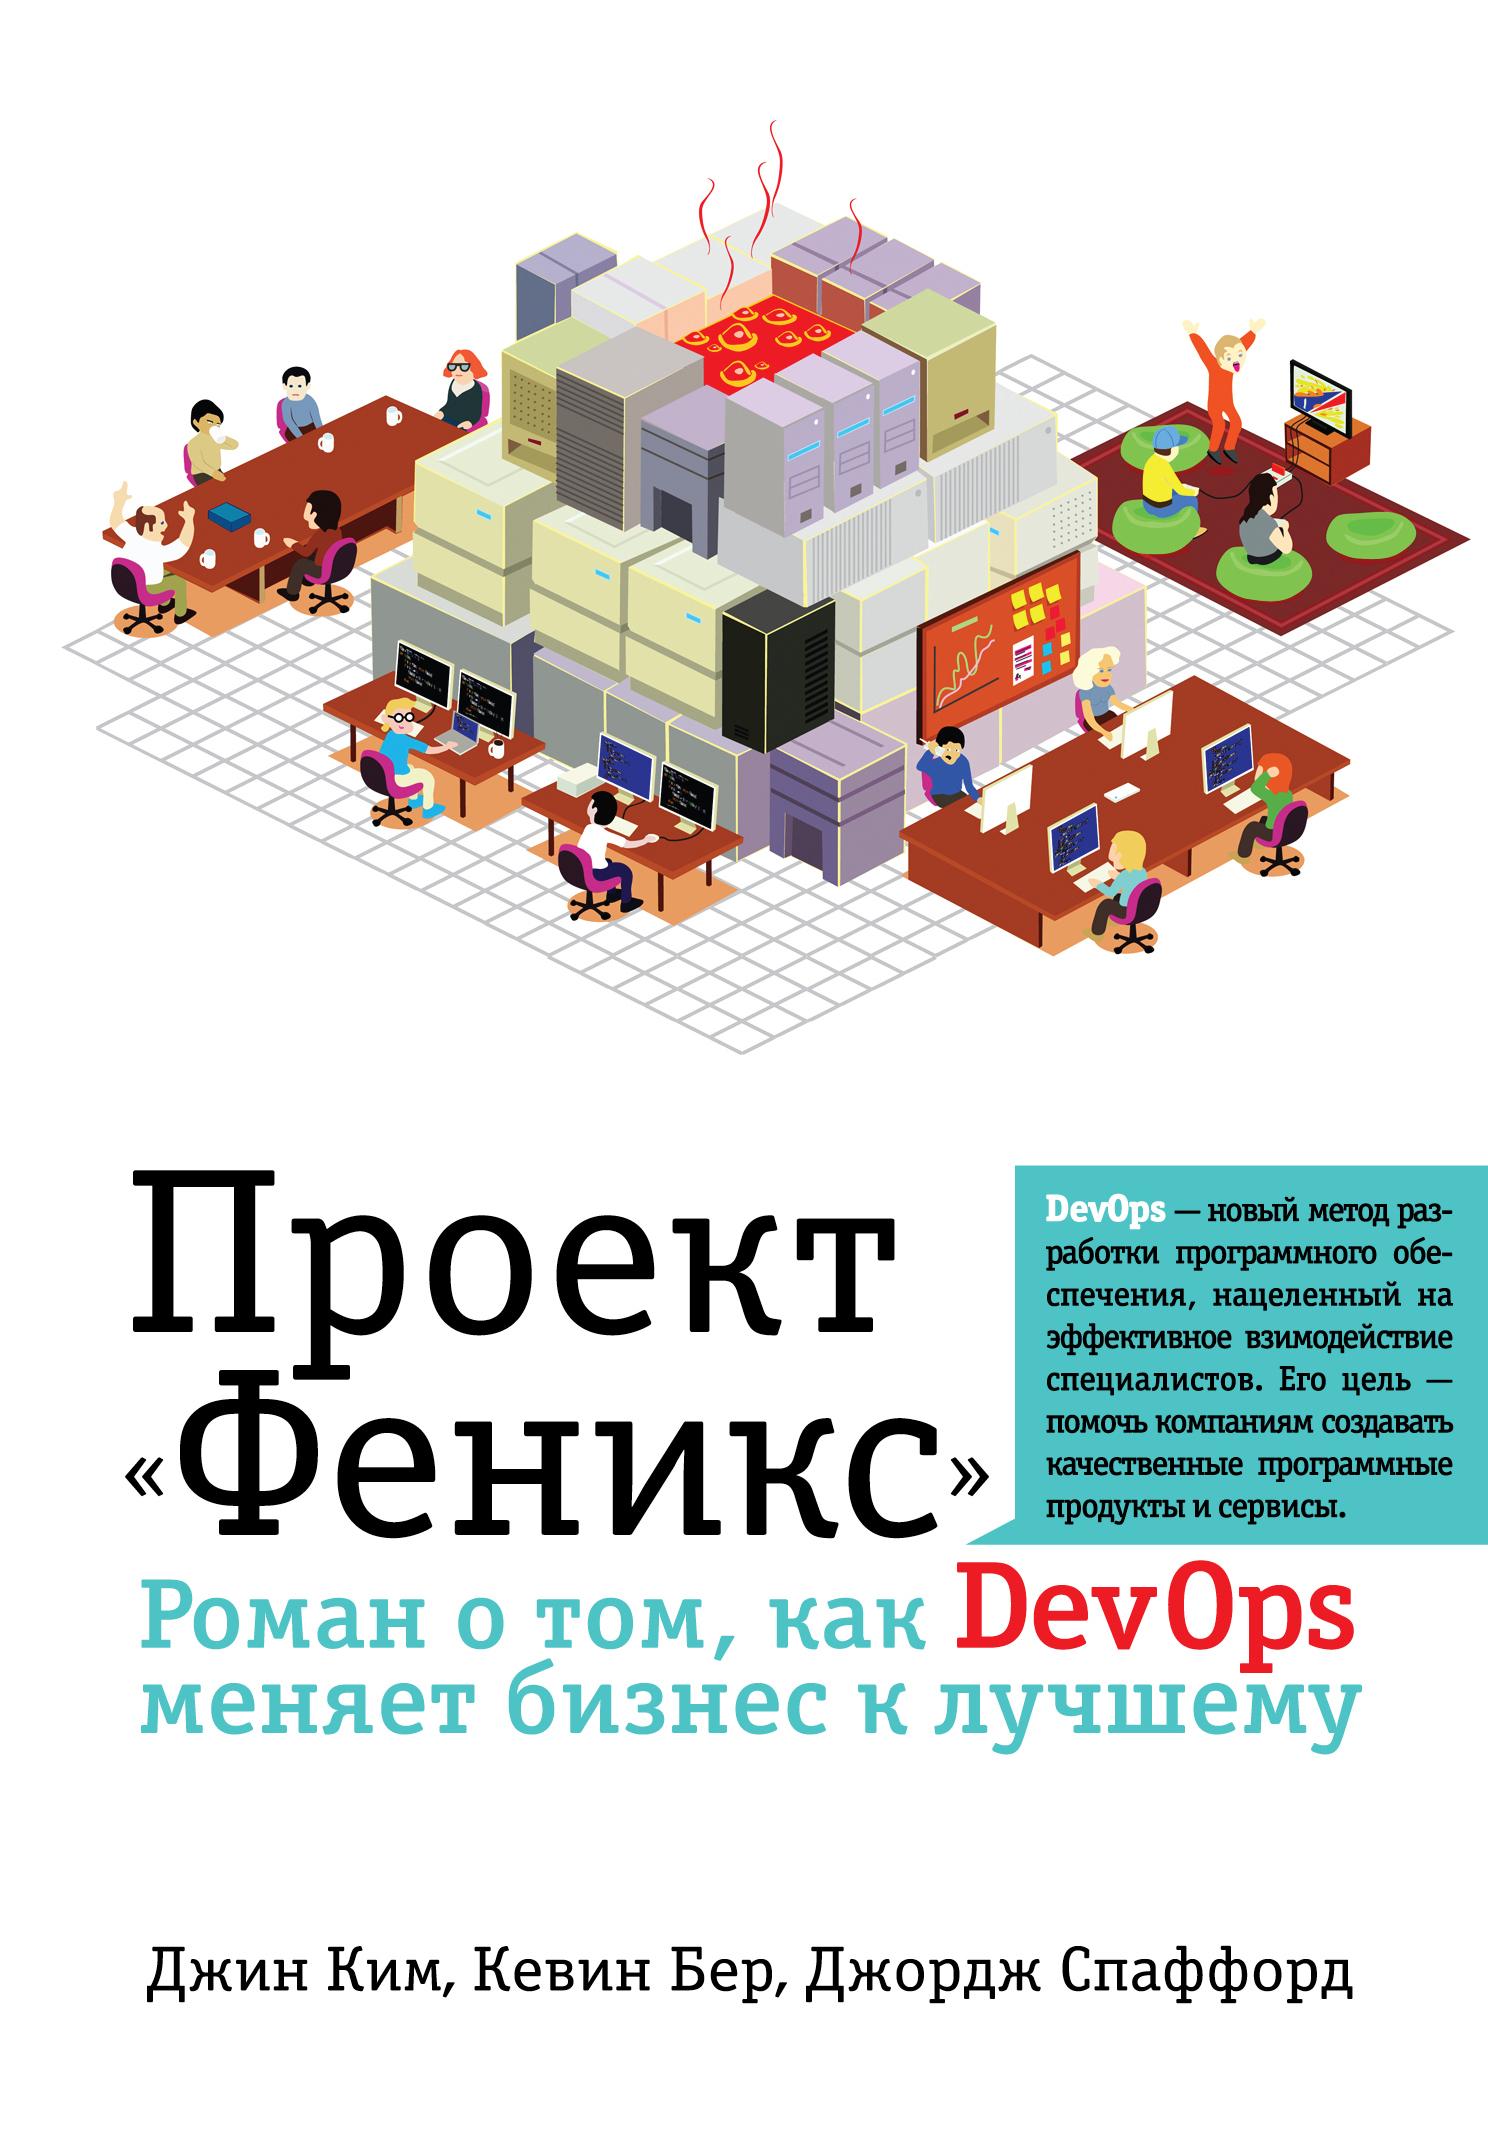 Обложка книги Проект «Феникс». Роман о том, как DevOps меняет бизнес к лучшему